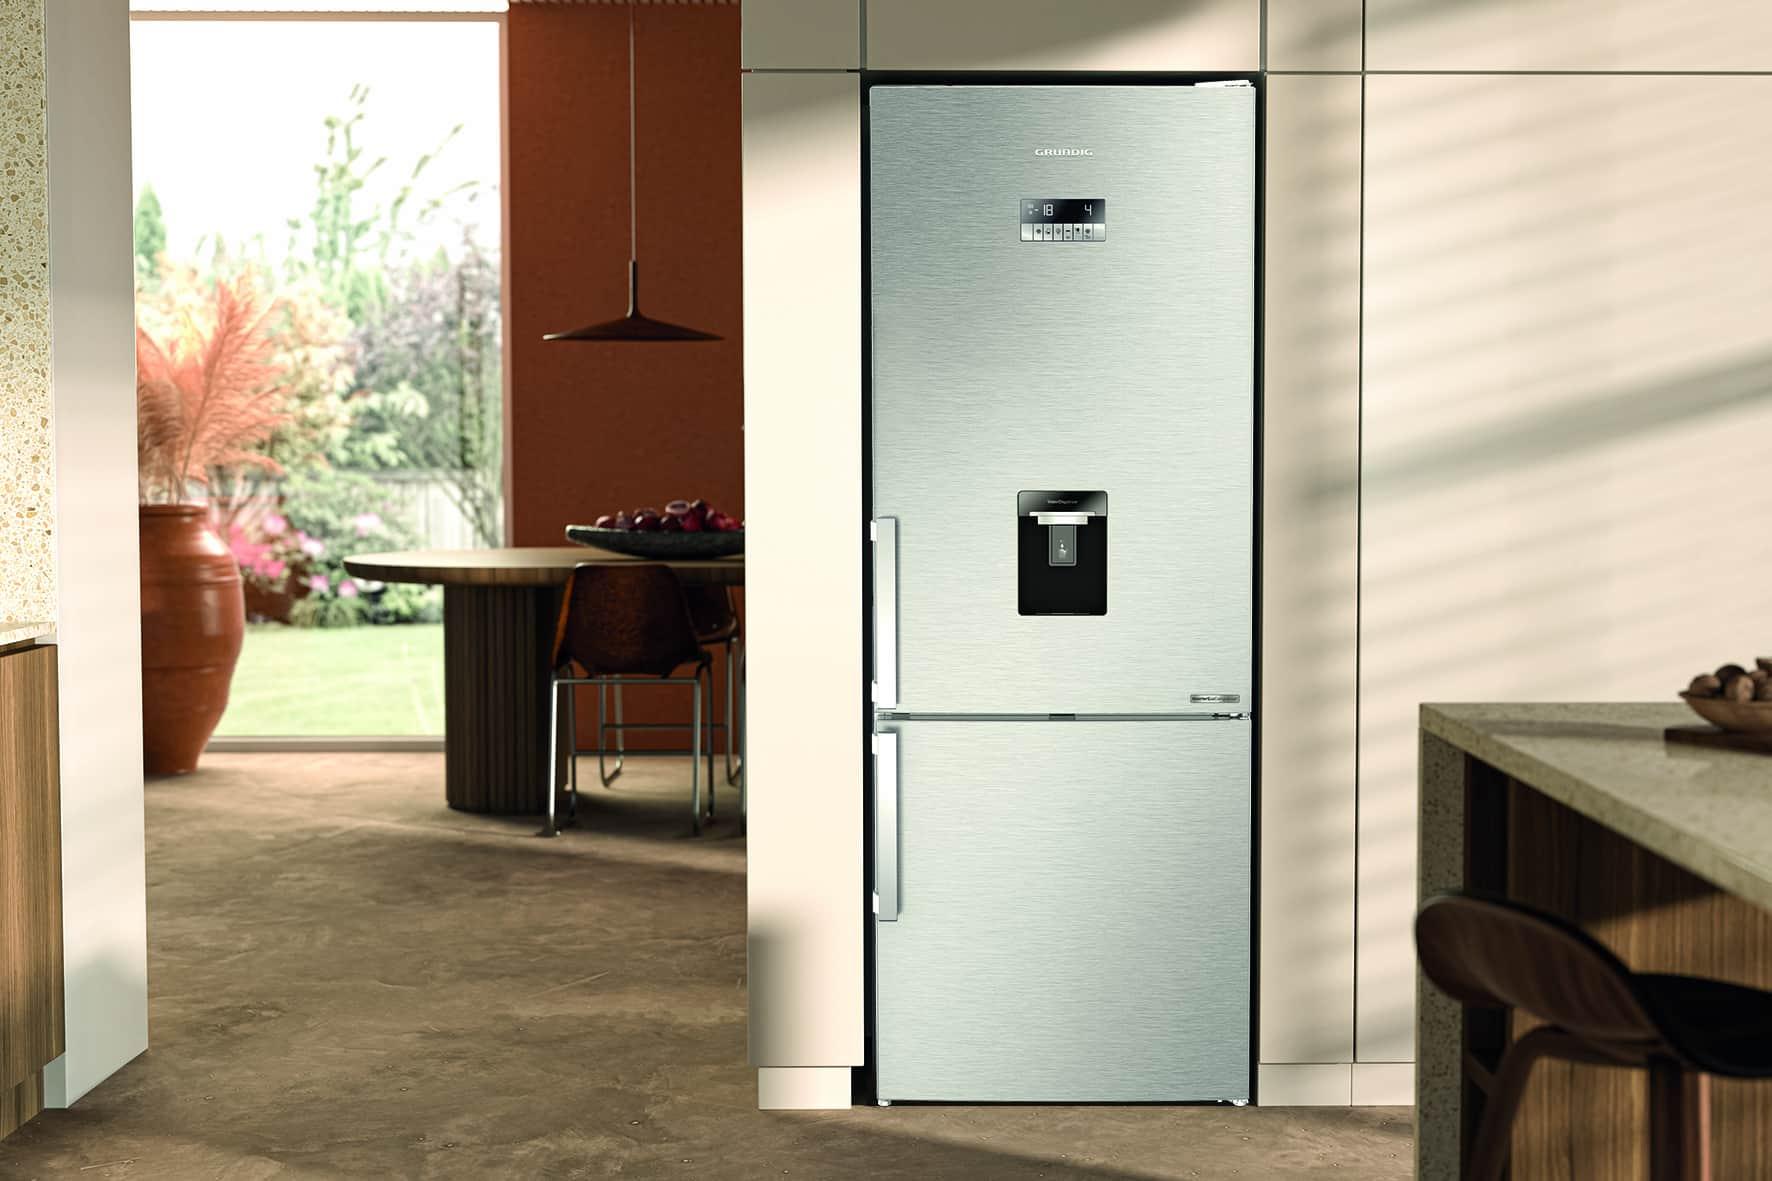 Die Edition 75 Kühl- und Gefrierkombination von Grundig macht durch Bestandteile aus Bioplastik Nachhaltigkeit in der eigenen Küche erlebbar.